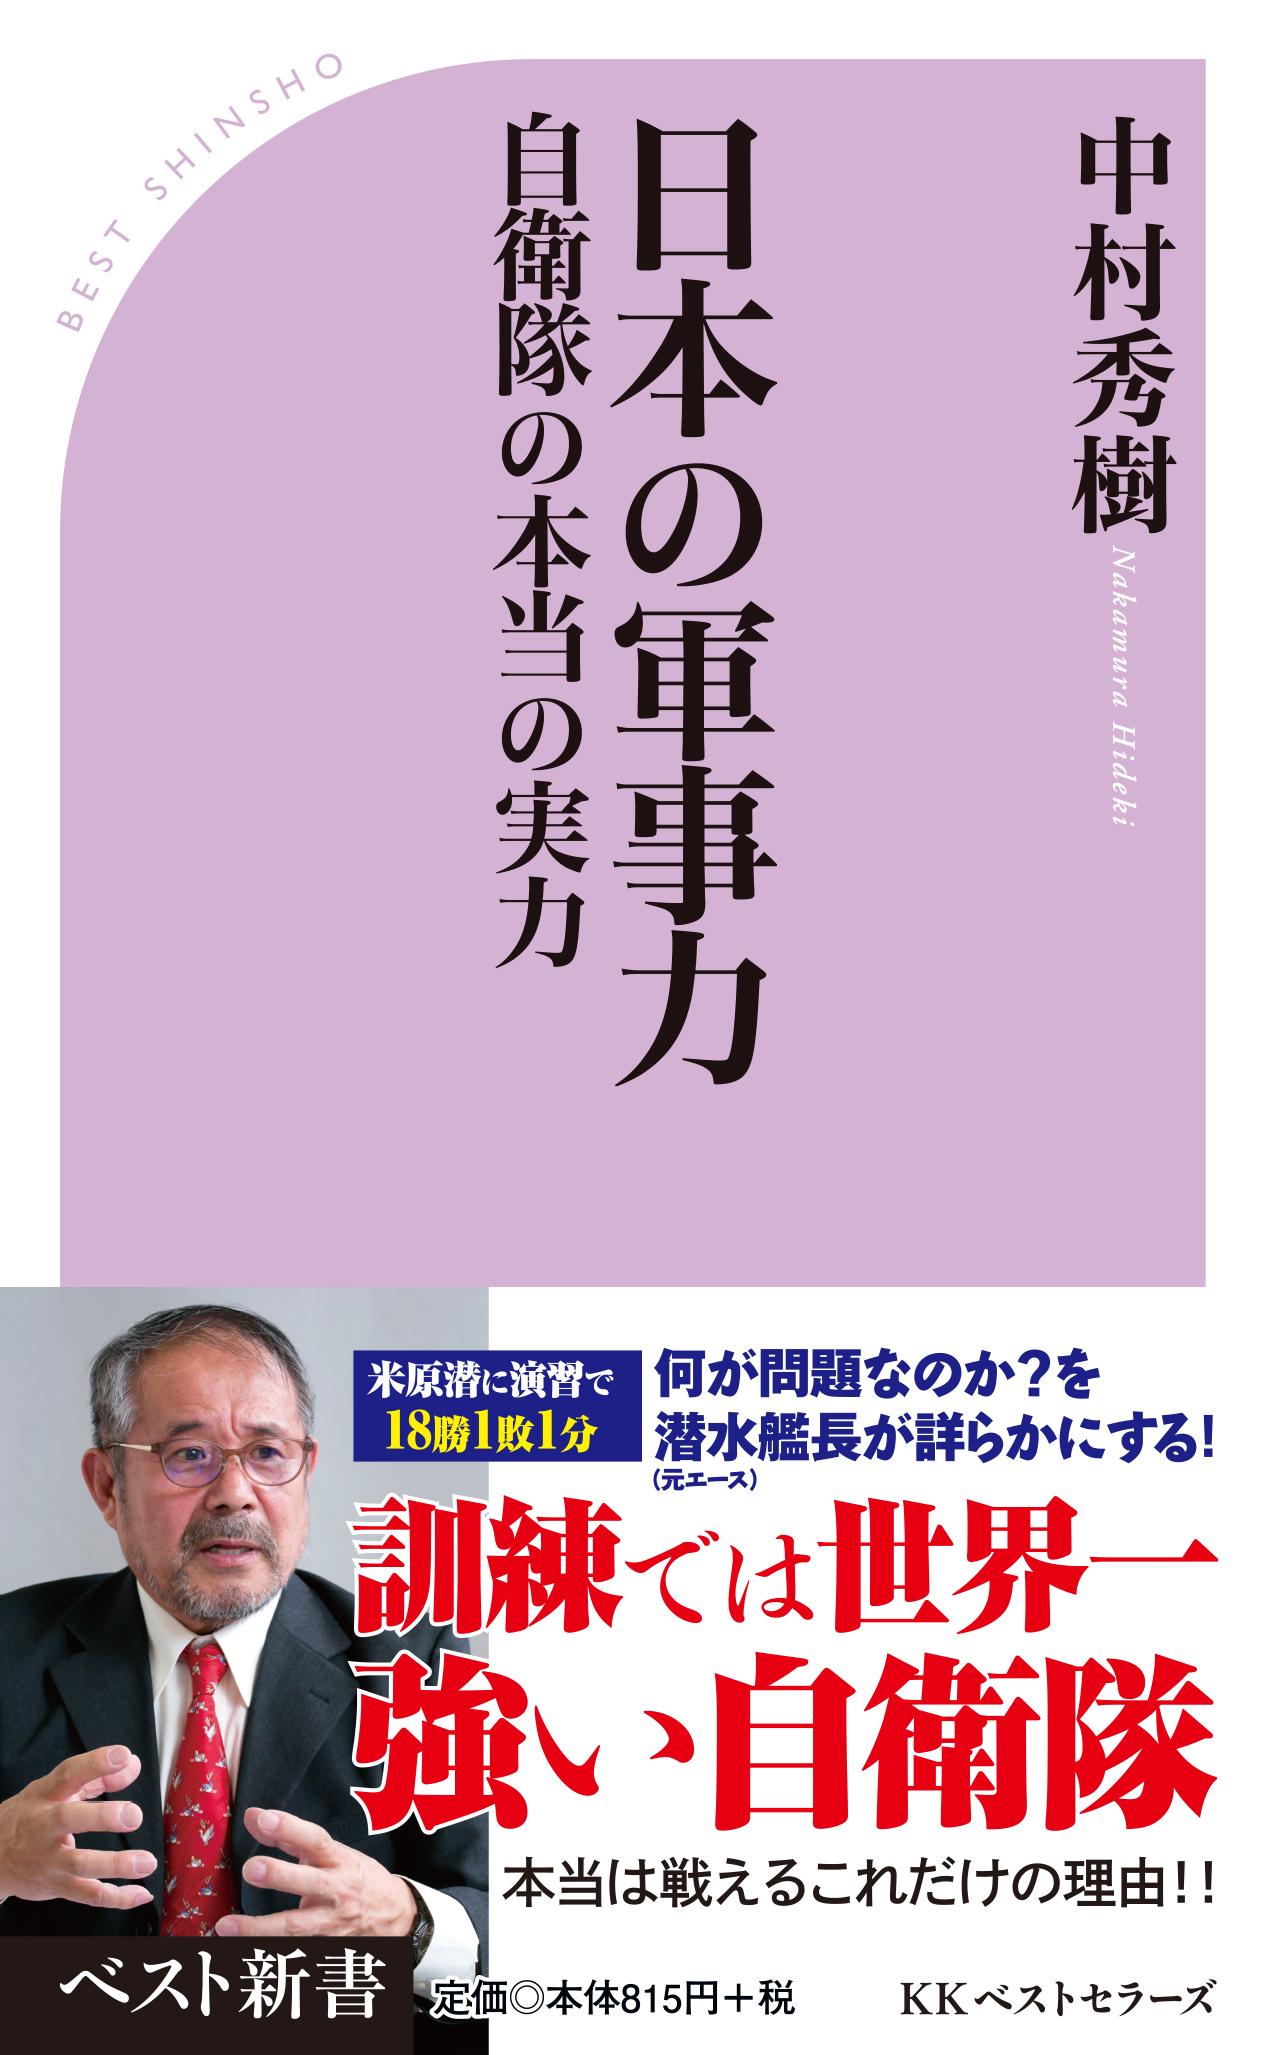 新書『日本の軍事力』が朝雲新聞にて紹介されました。